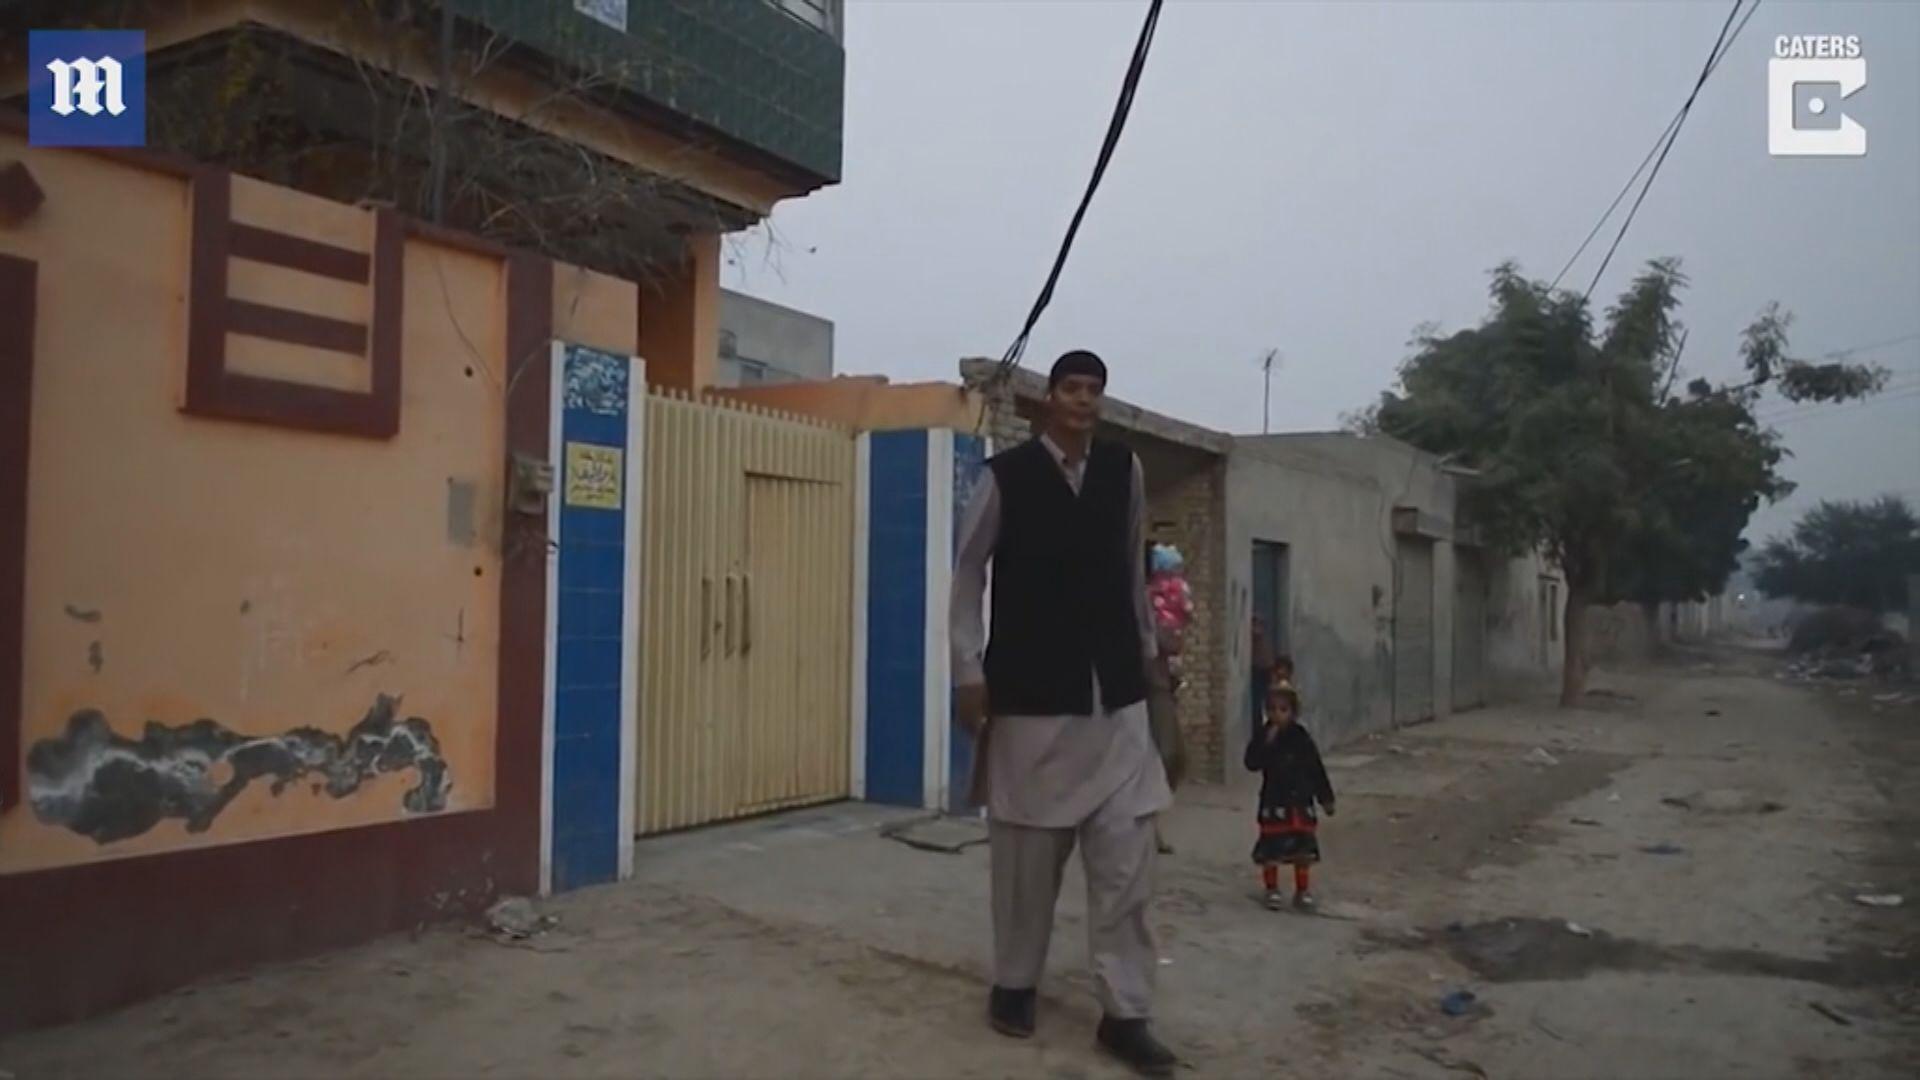 【環球薈報】巴基斯坦八呎高男子嘆難覓伴侶